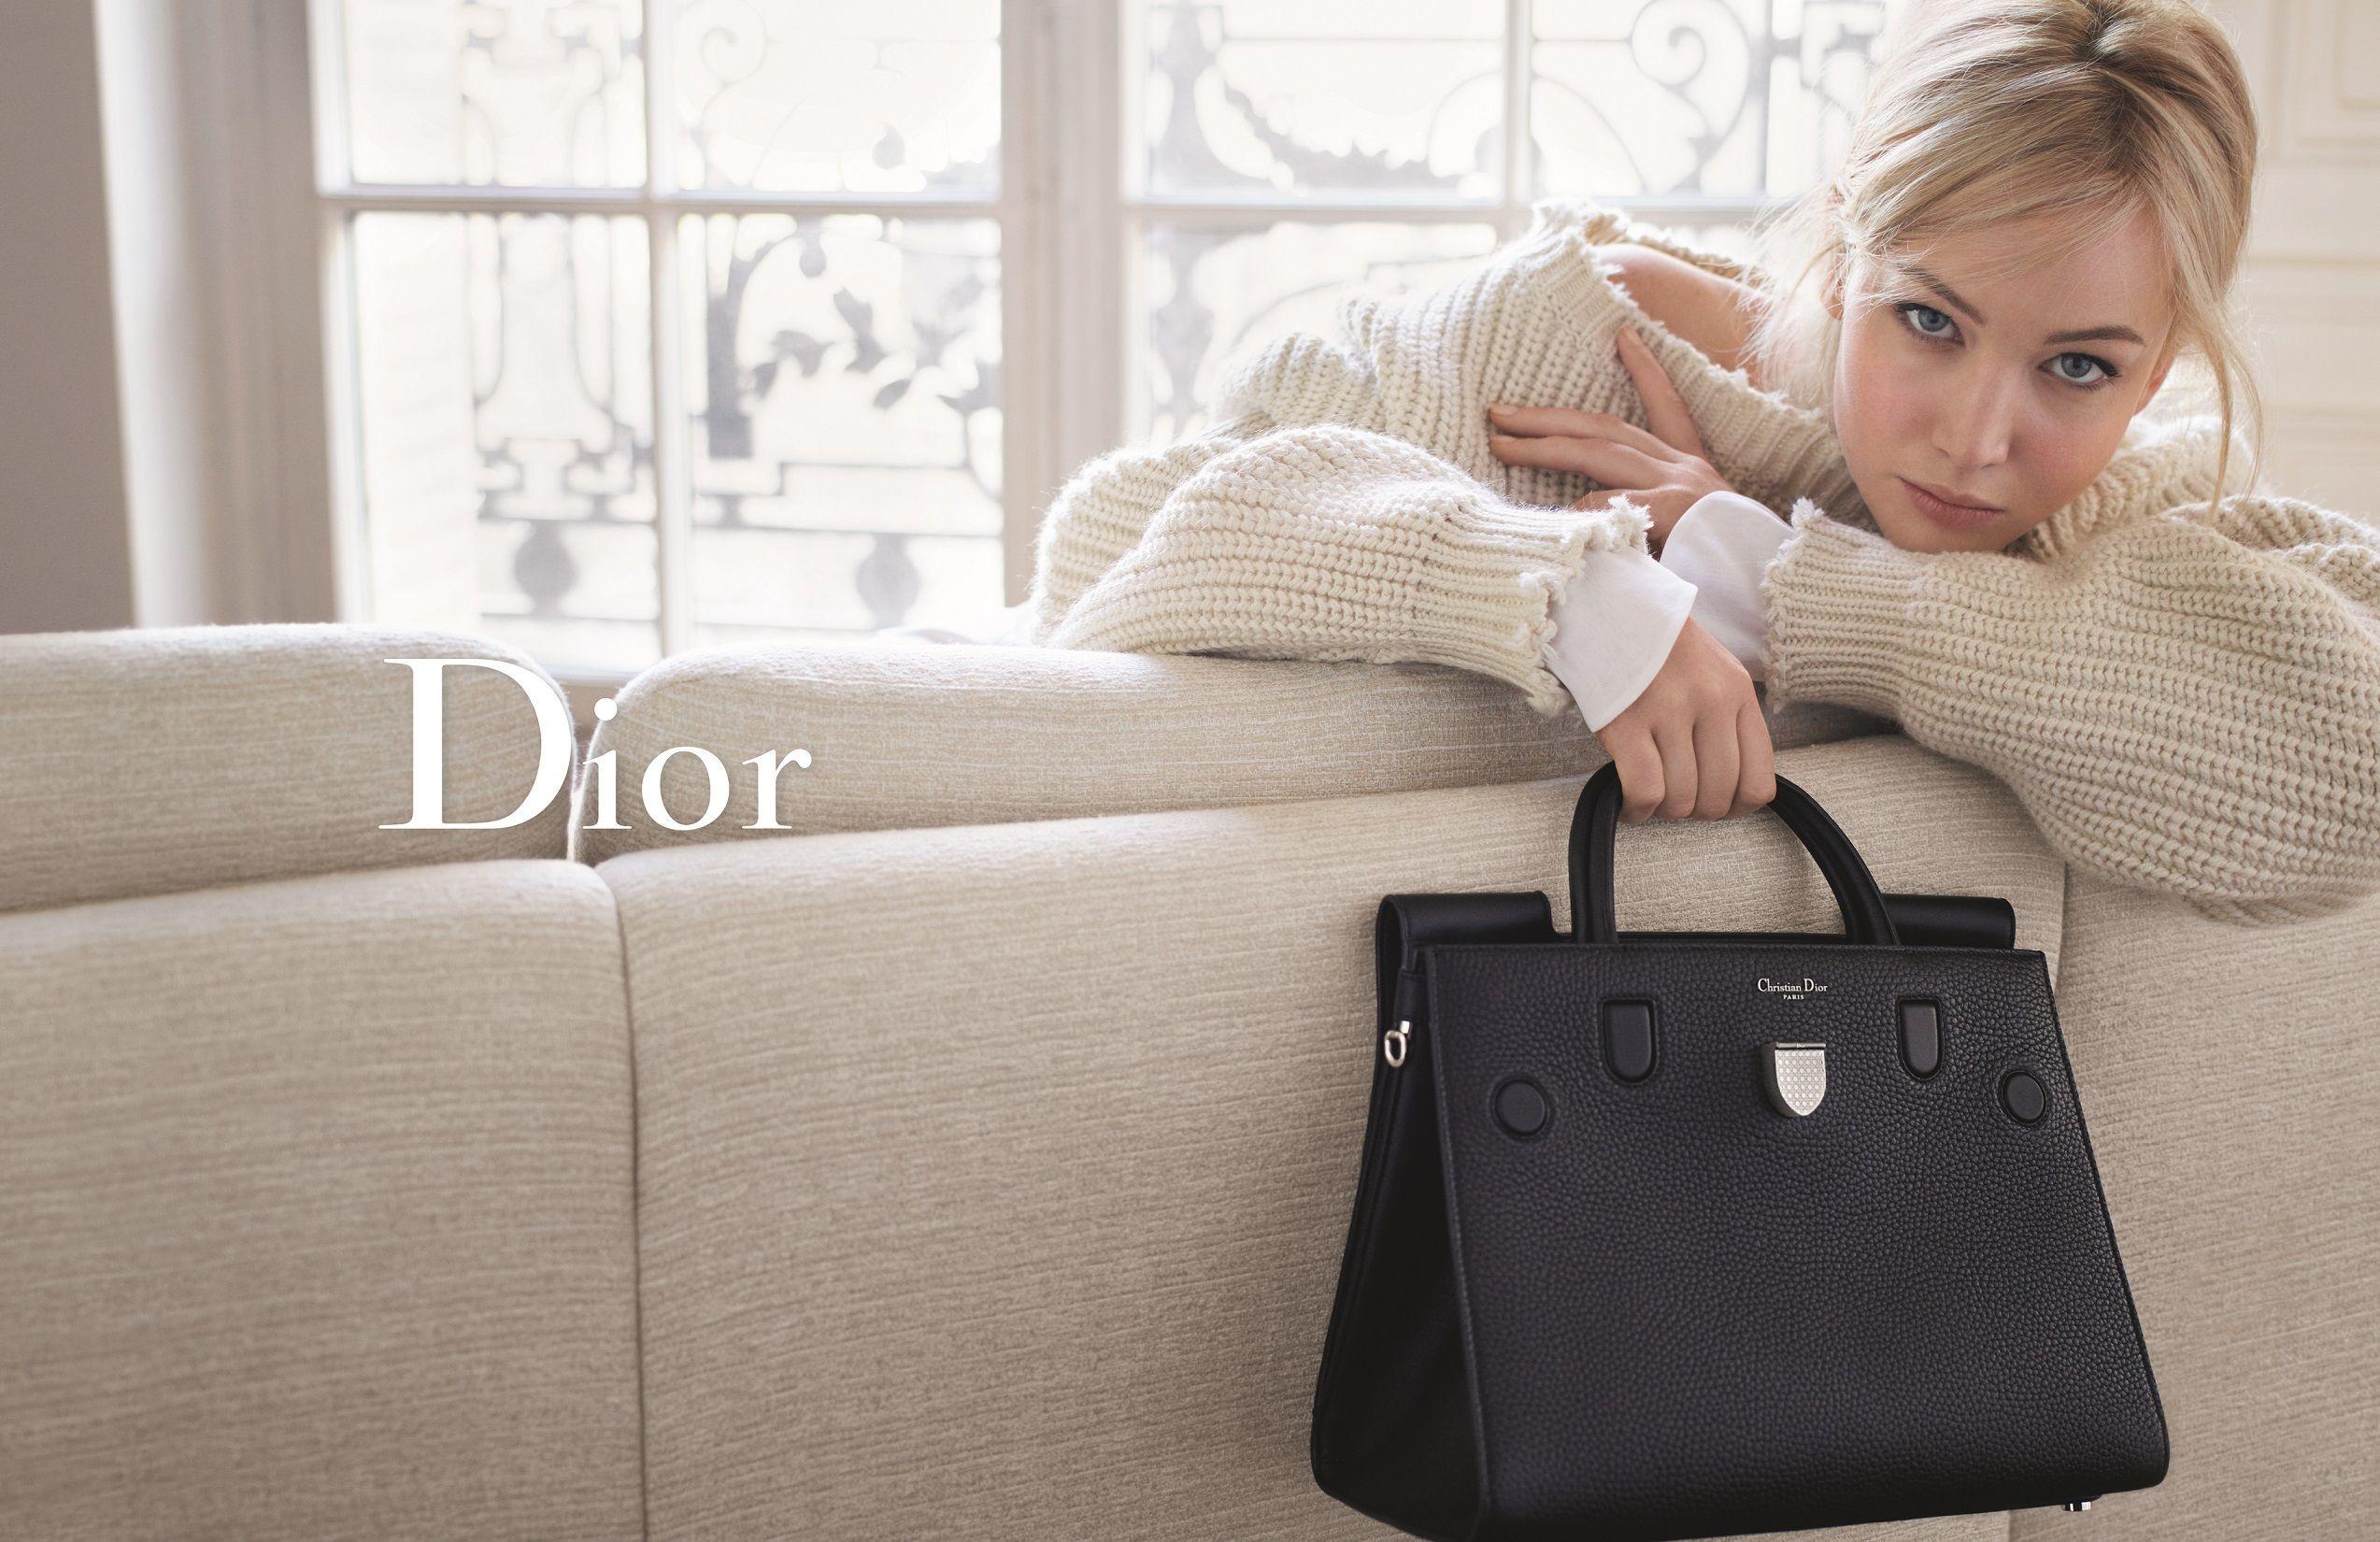 Jennifer Lawrence - Spring summer 2016 Dior campaign - Credit Dior